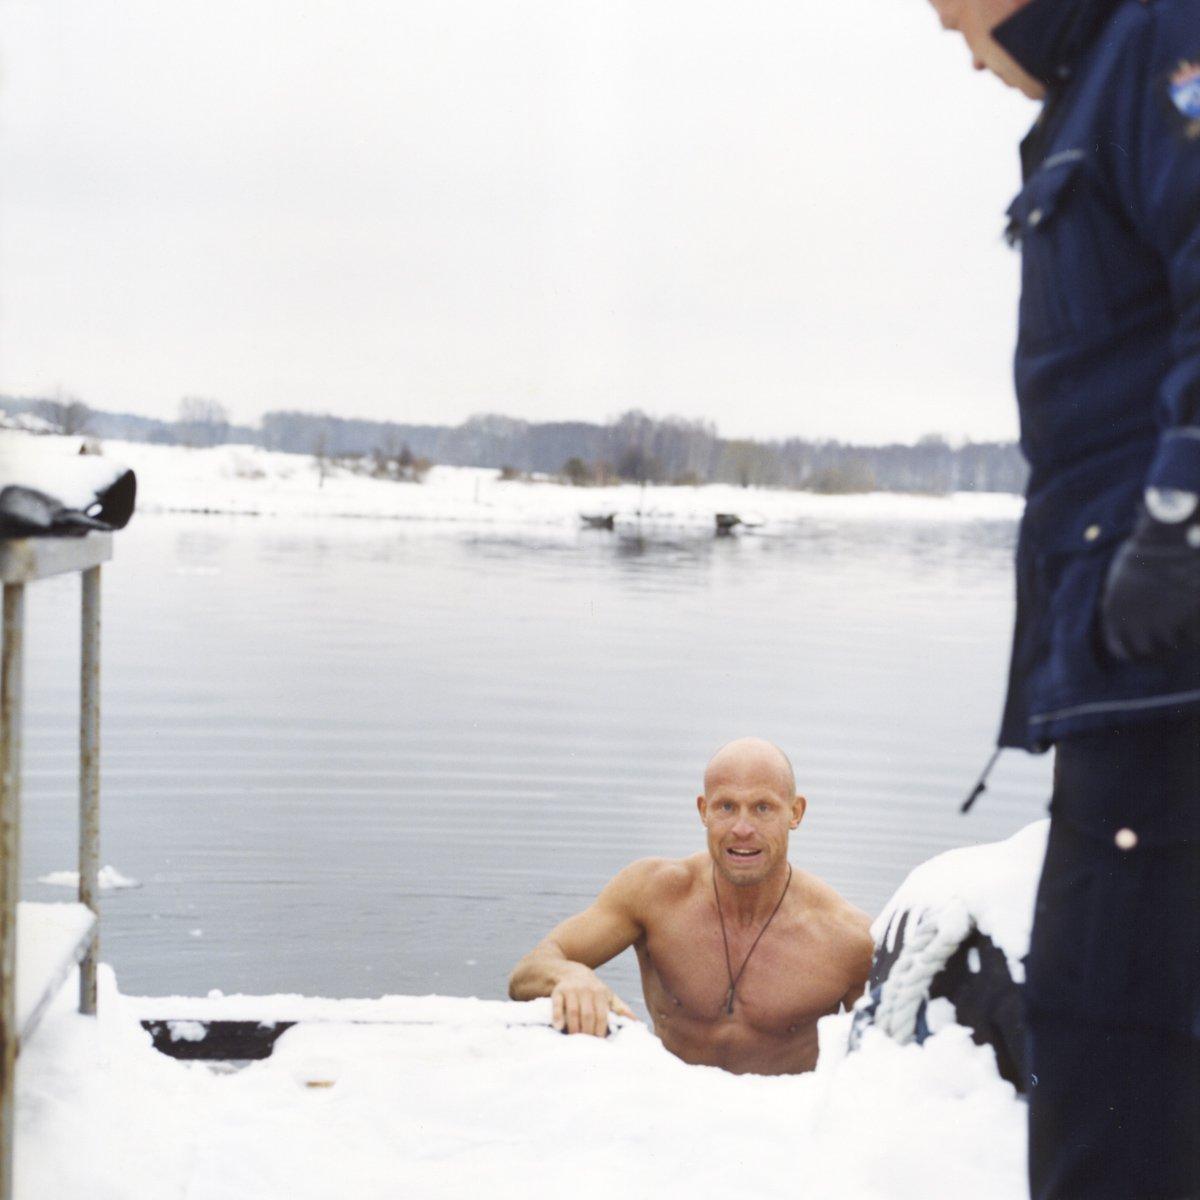 Prisão da Noruega para criminosos violentos parece mais uma colônia de fêrias 05